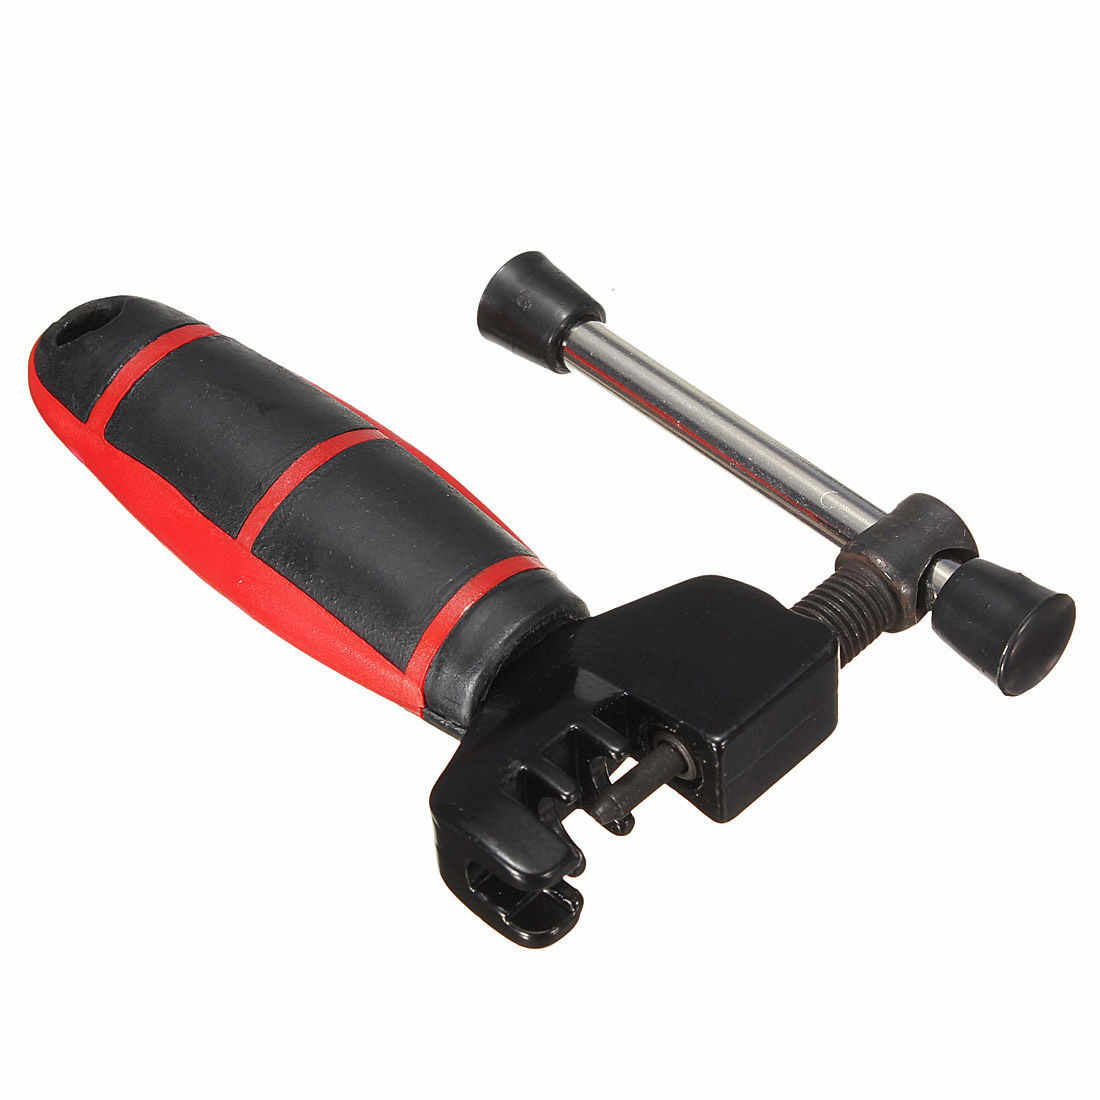 Merah Pemutus Rantai Besi Sepeda Sepeda Rantai Pin Remover Link Breaker Splitter Extractor Alat Kit Klasik Accessorie # Y78